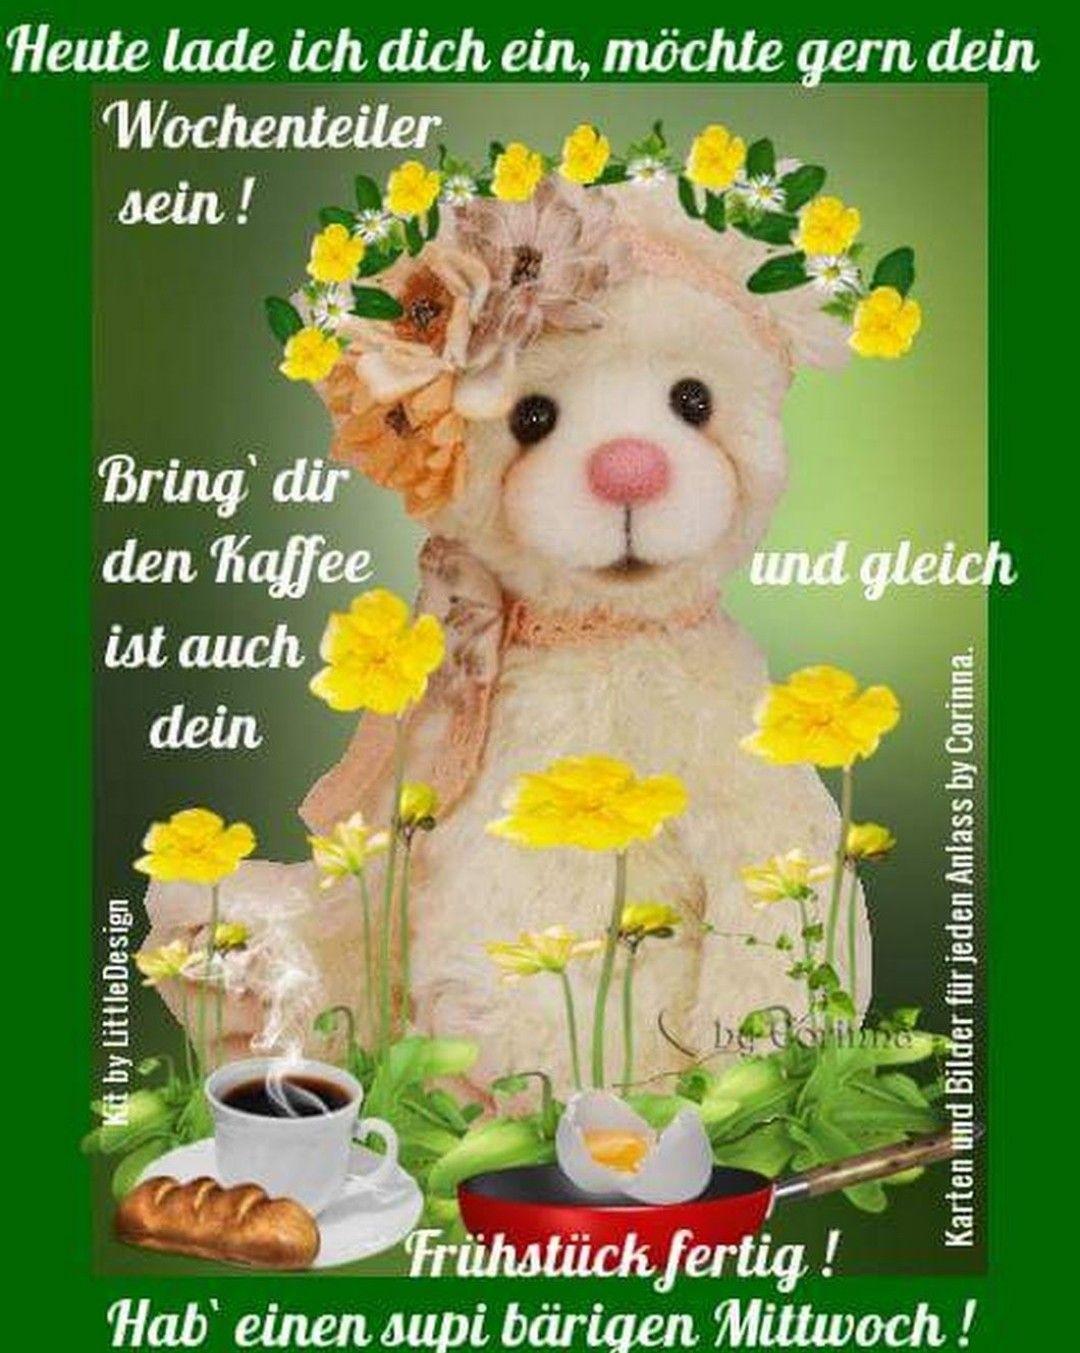 Guten Morgen Mittwoch Lustig Bilder Und Sprüche Für Whatsapp Und